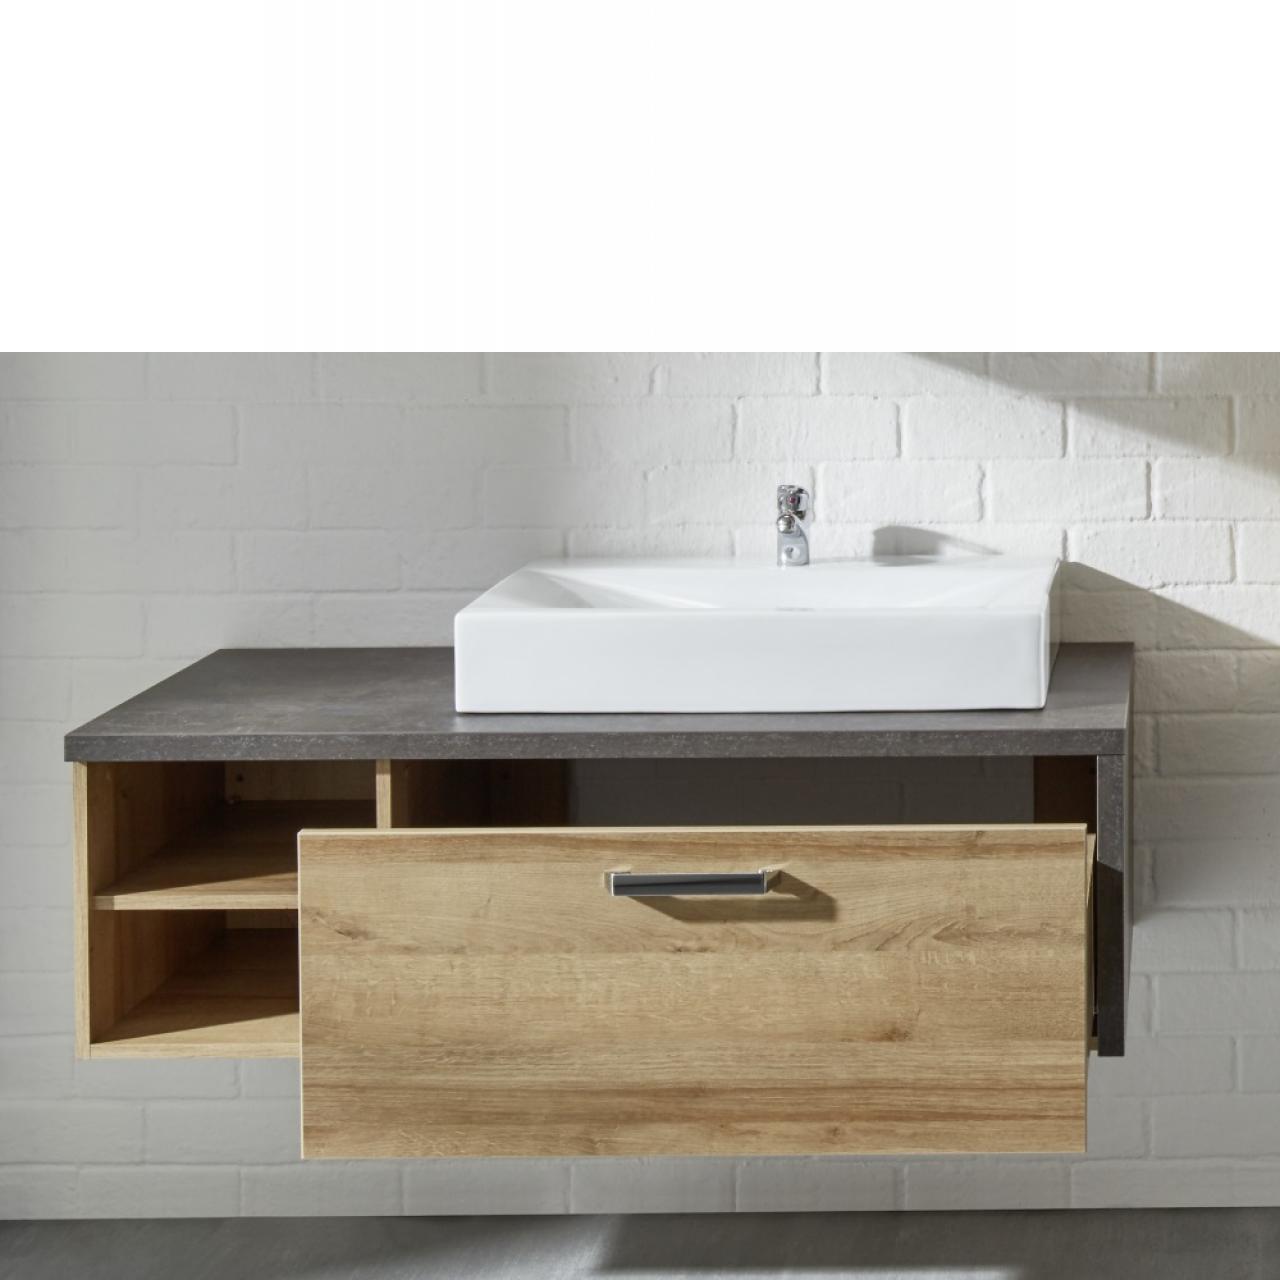 Aufsatzwaschbecken Mit Unterschrank   Waschtisch holz Einkaufen